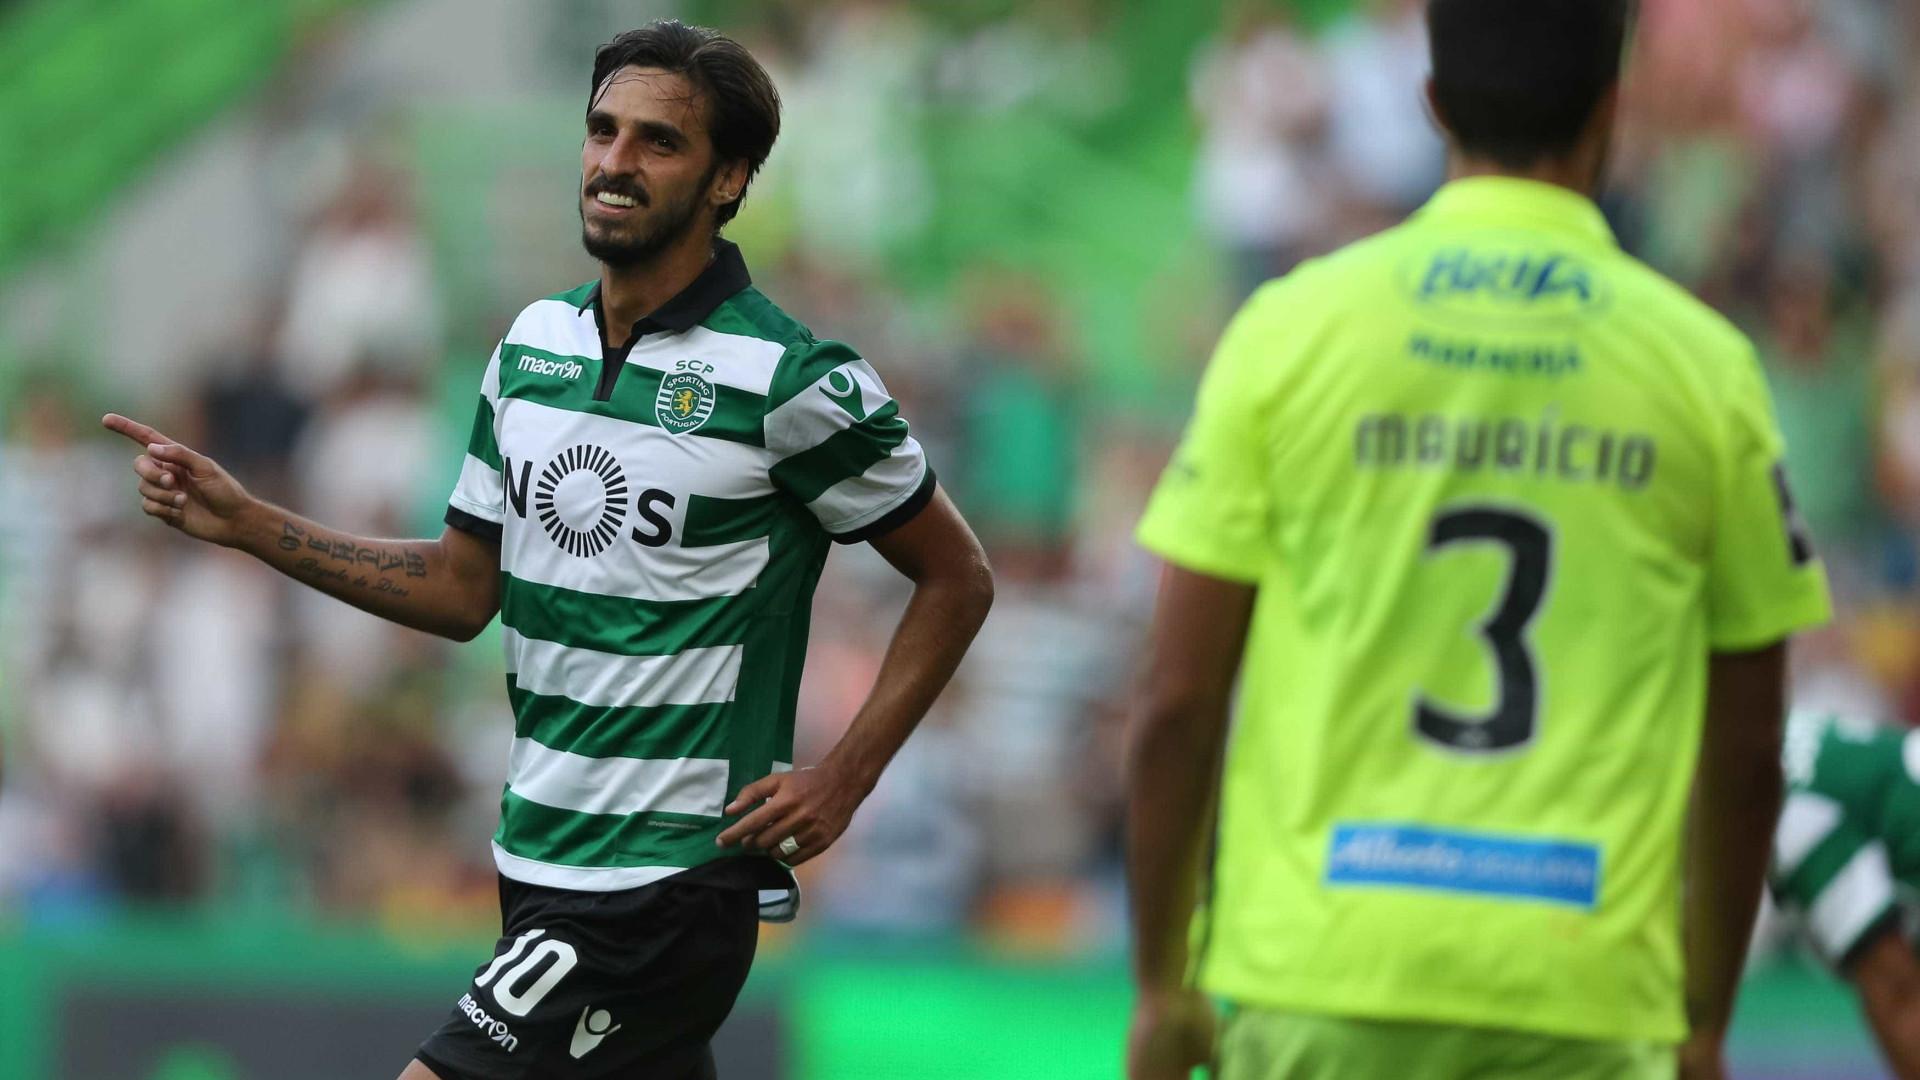 Bryan Ruiz terá proposto a rescisão do contrato mas Sporting rejeitou